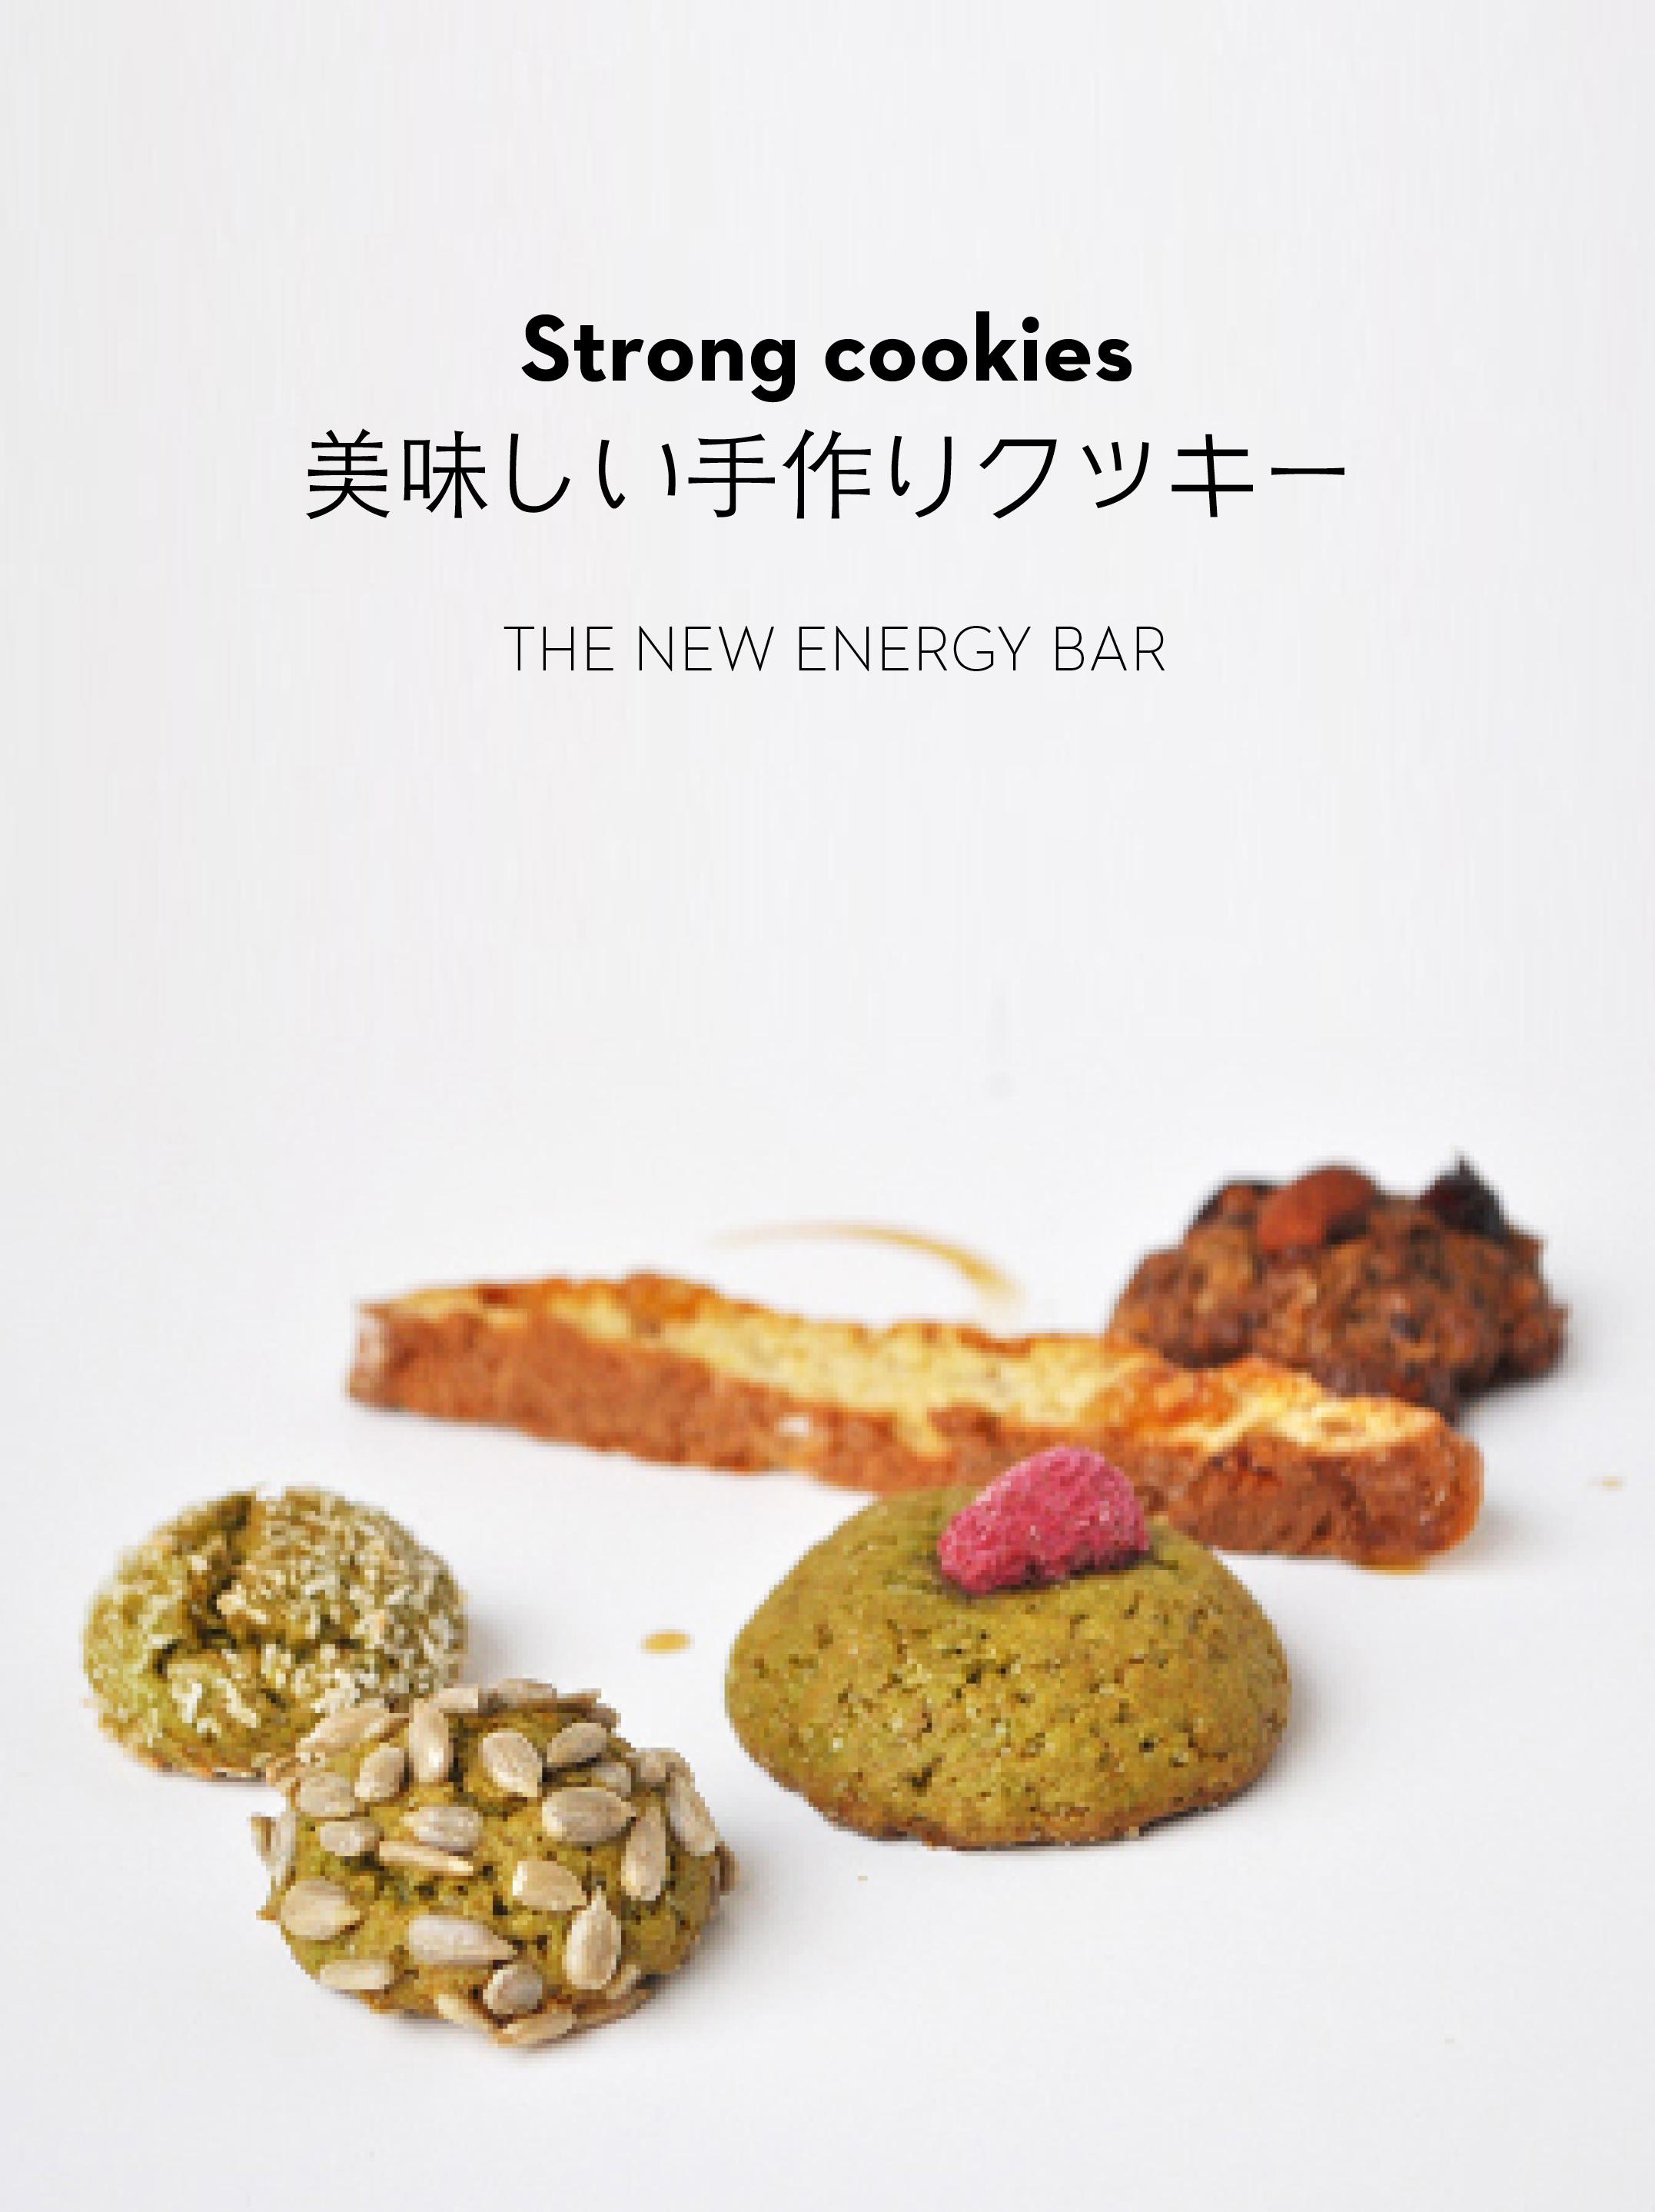 energybar2-2.jpg